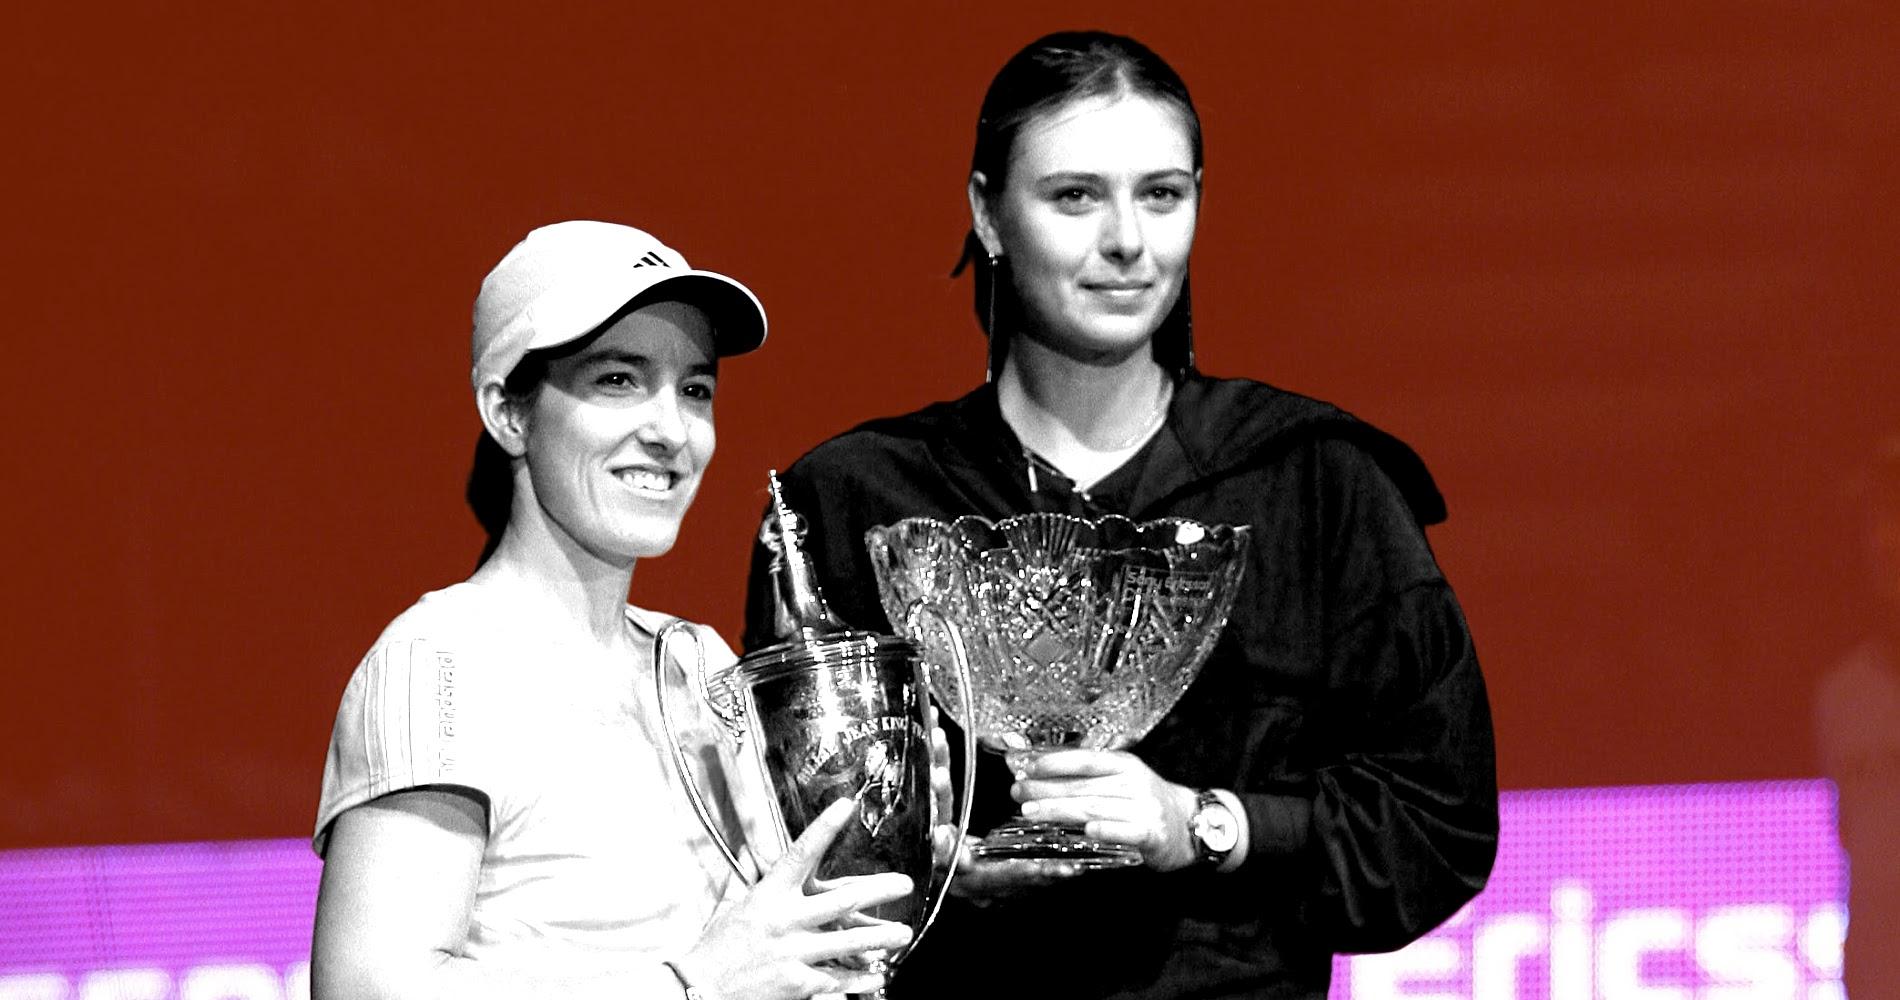 Justine Hénin et Maria Sharapova au Masters 2007